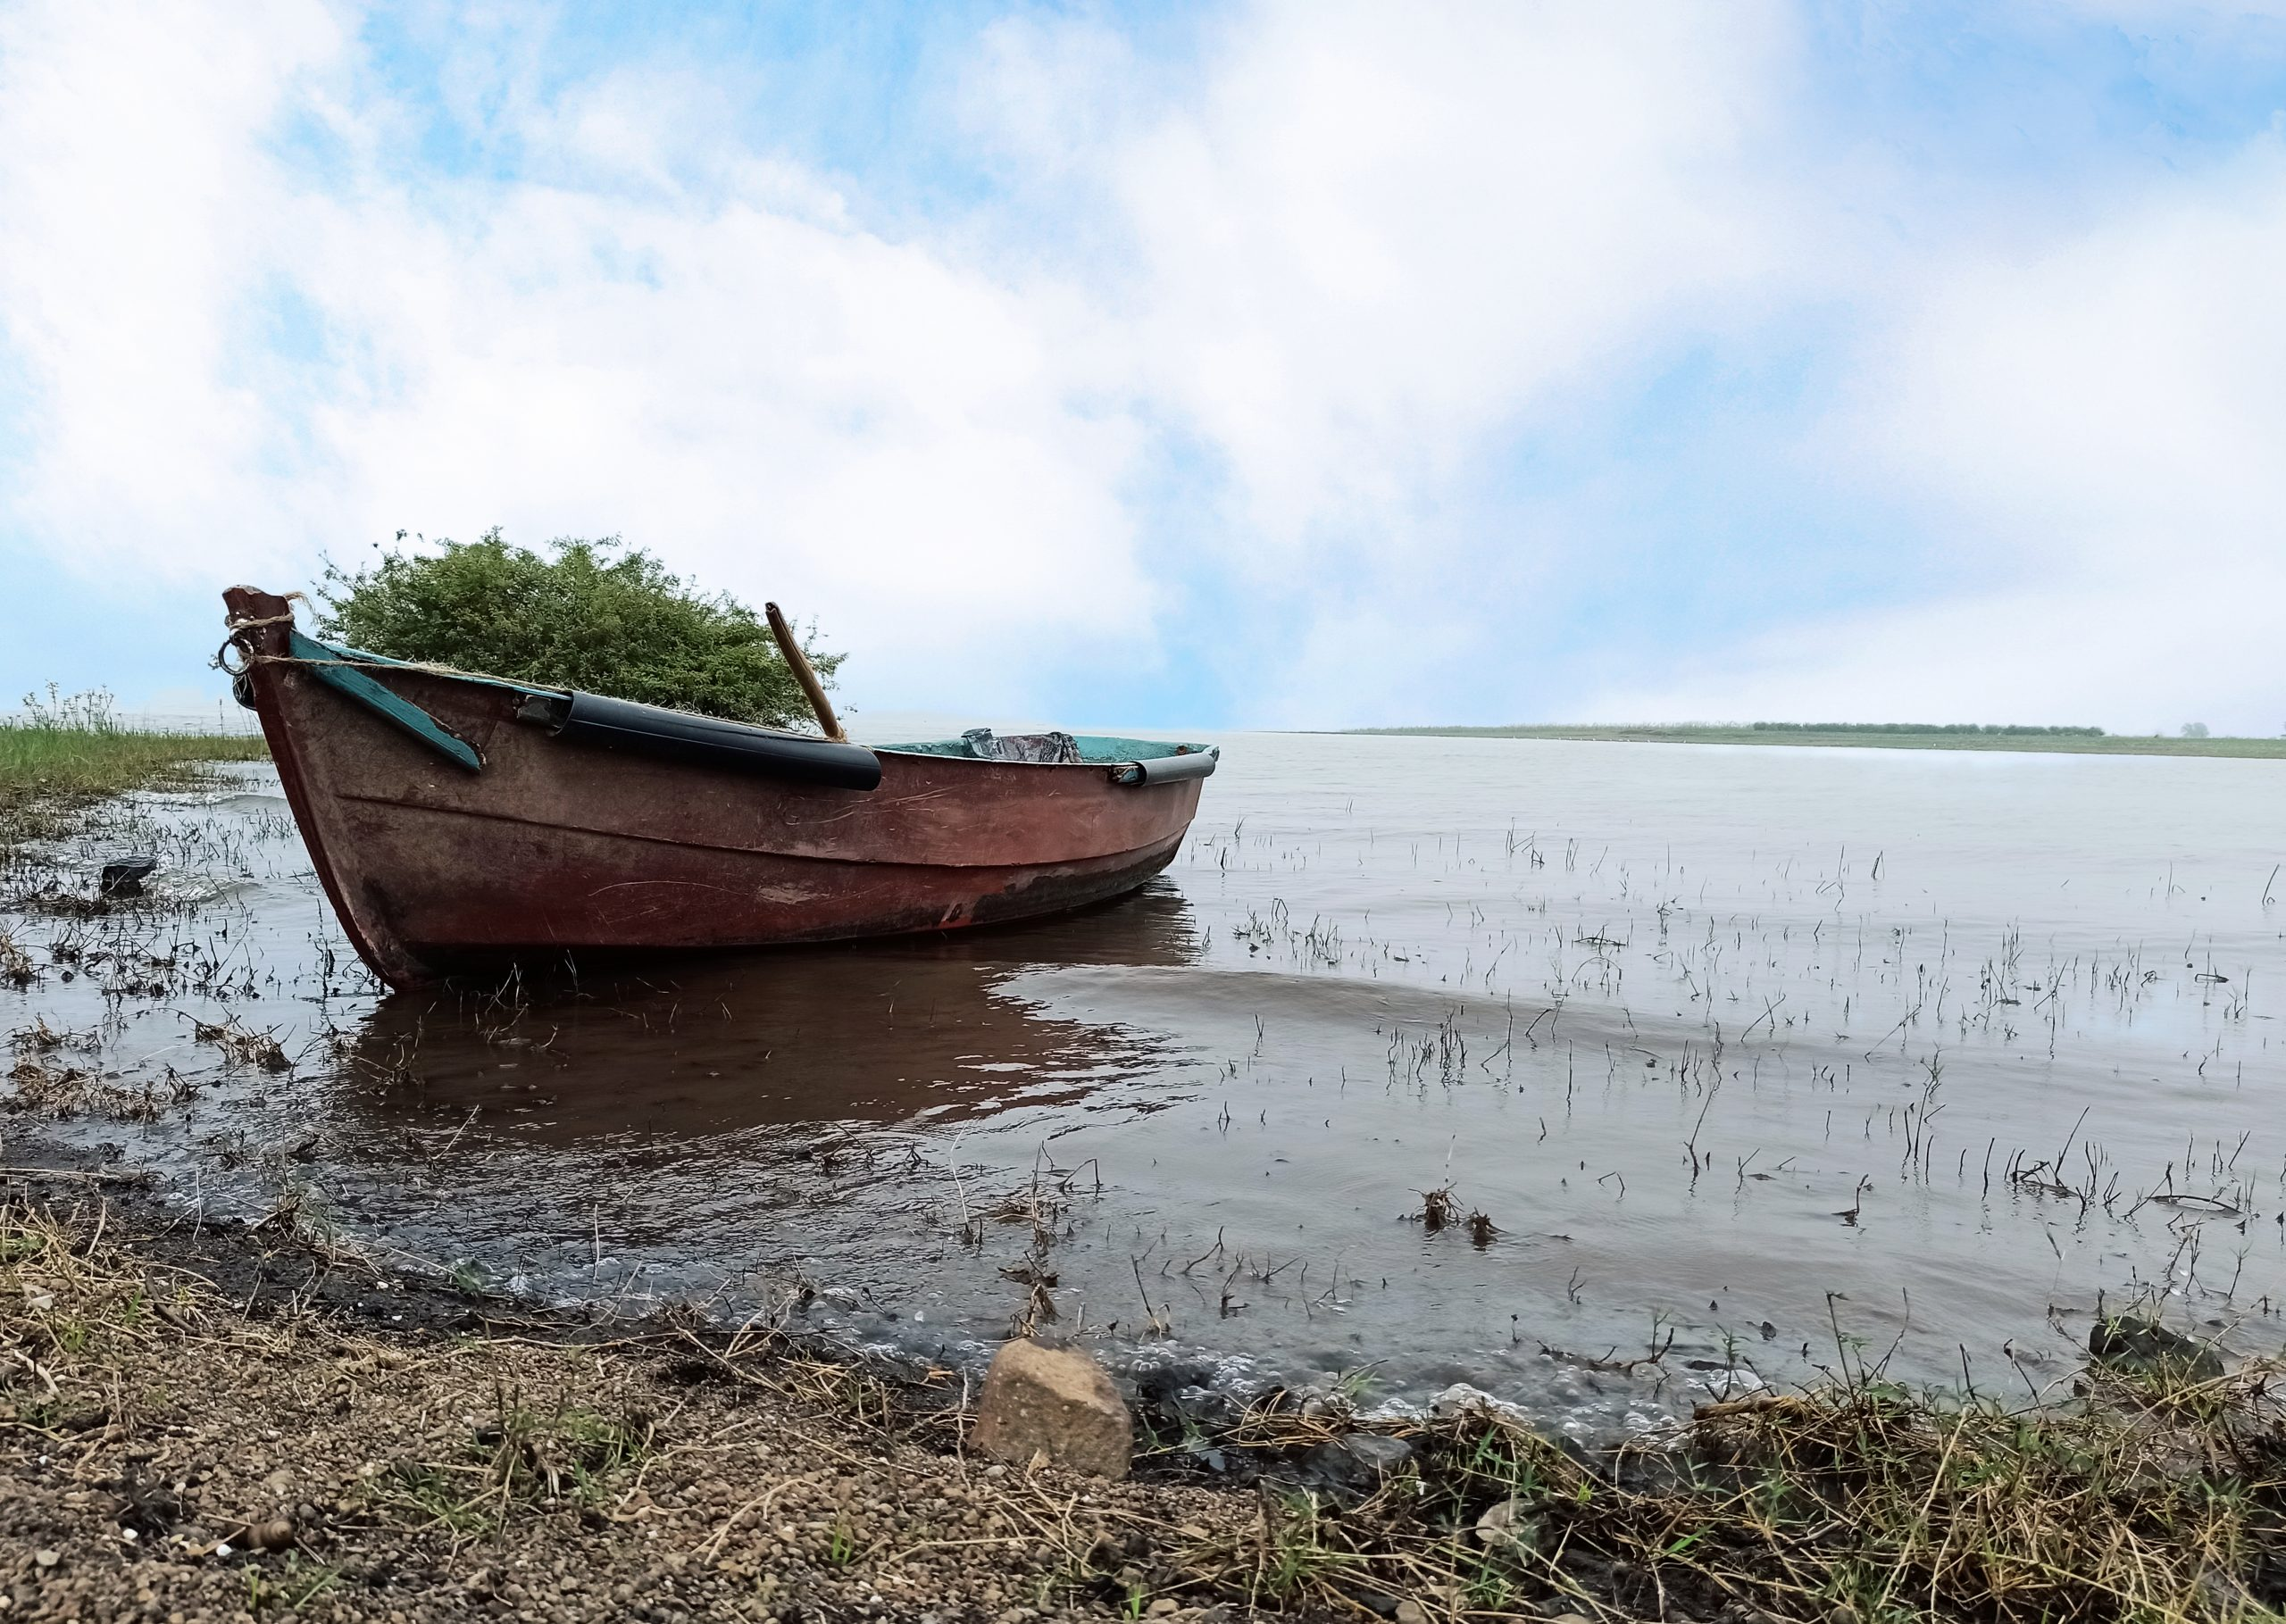 A boat at a seashore